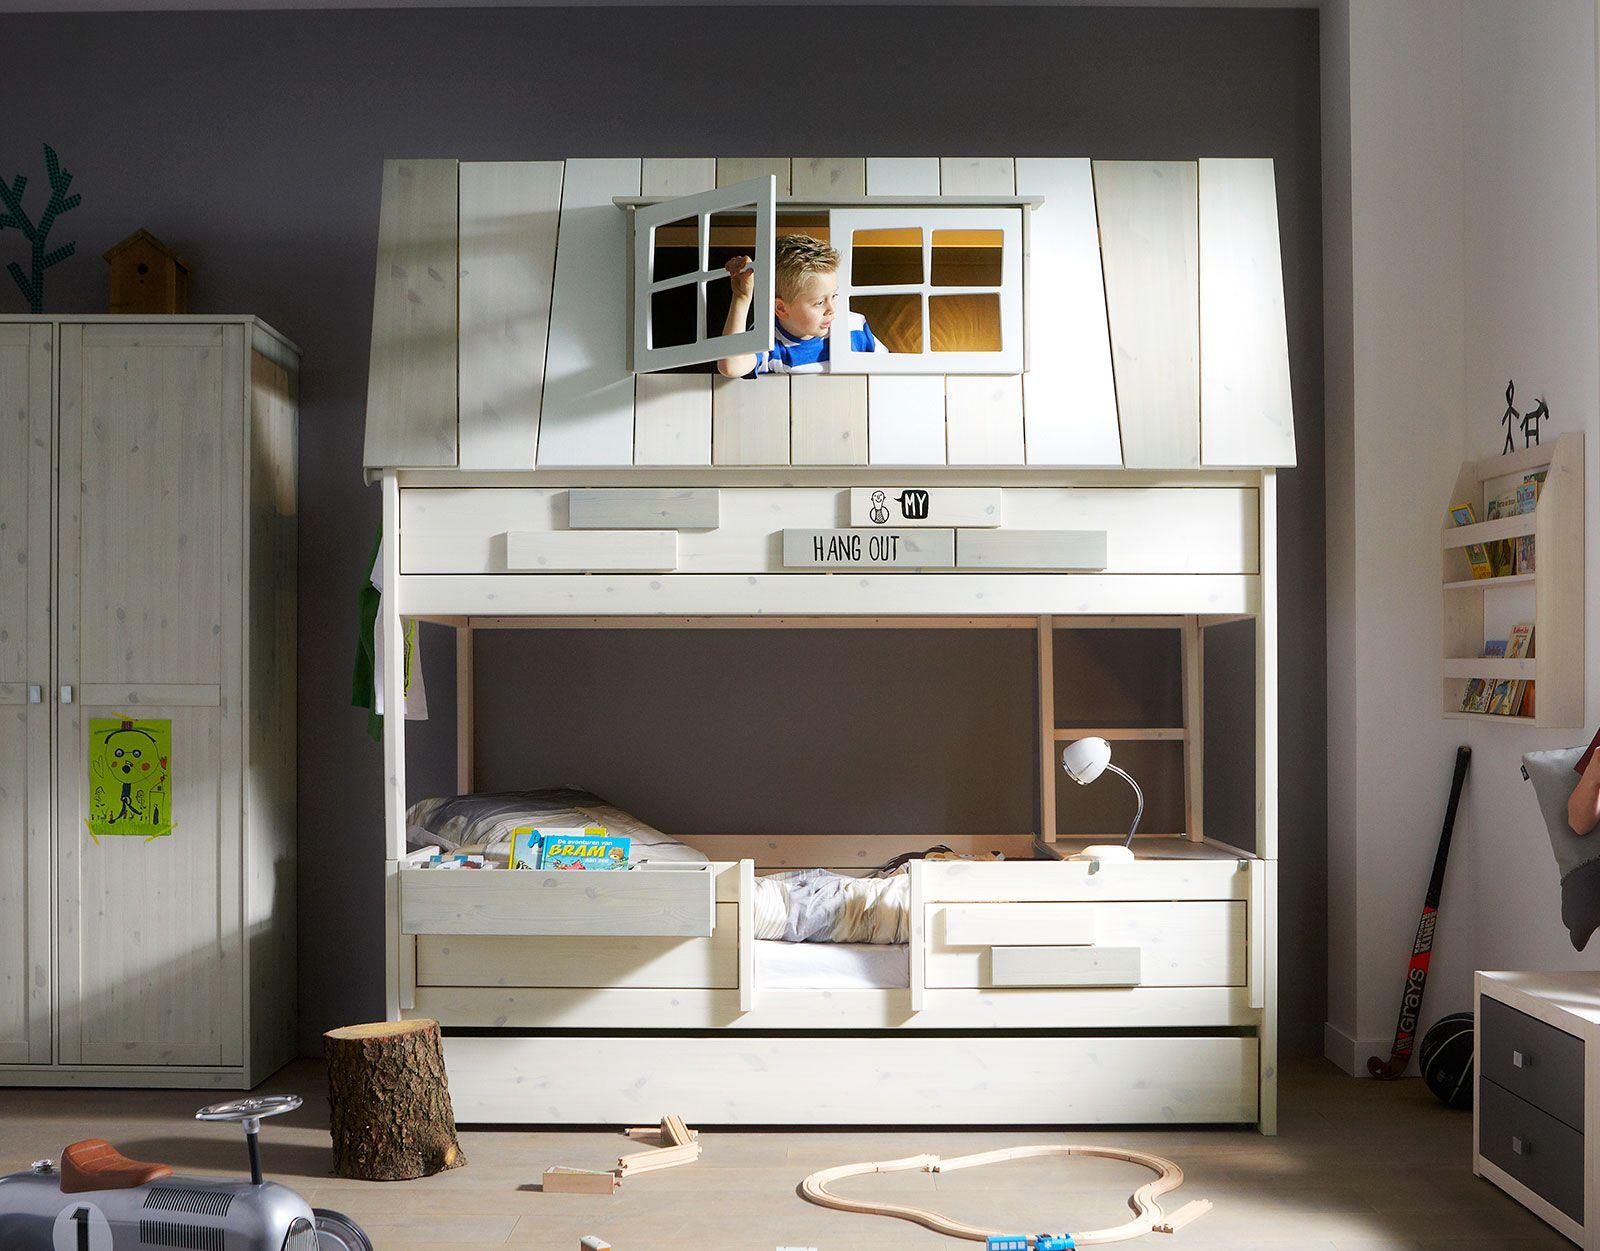 Abenteuer Etagenbett : Moderne etagenbetten für mehr platz im kinderzimmer